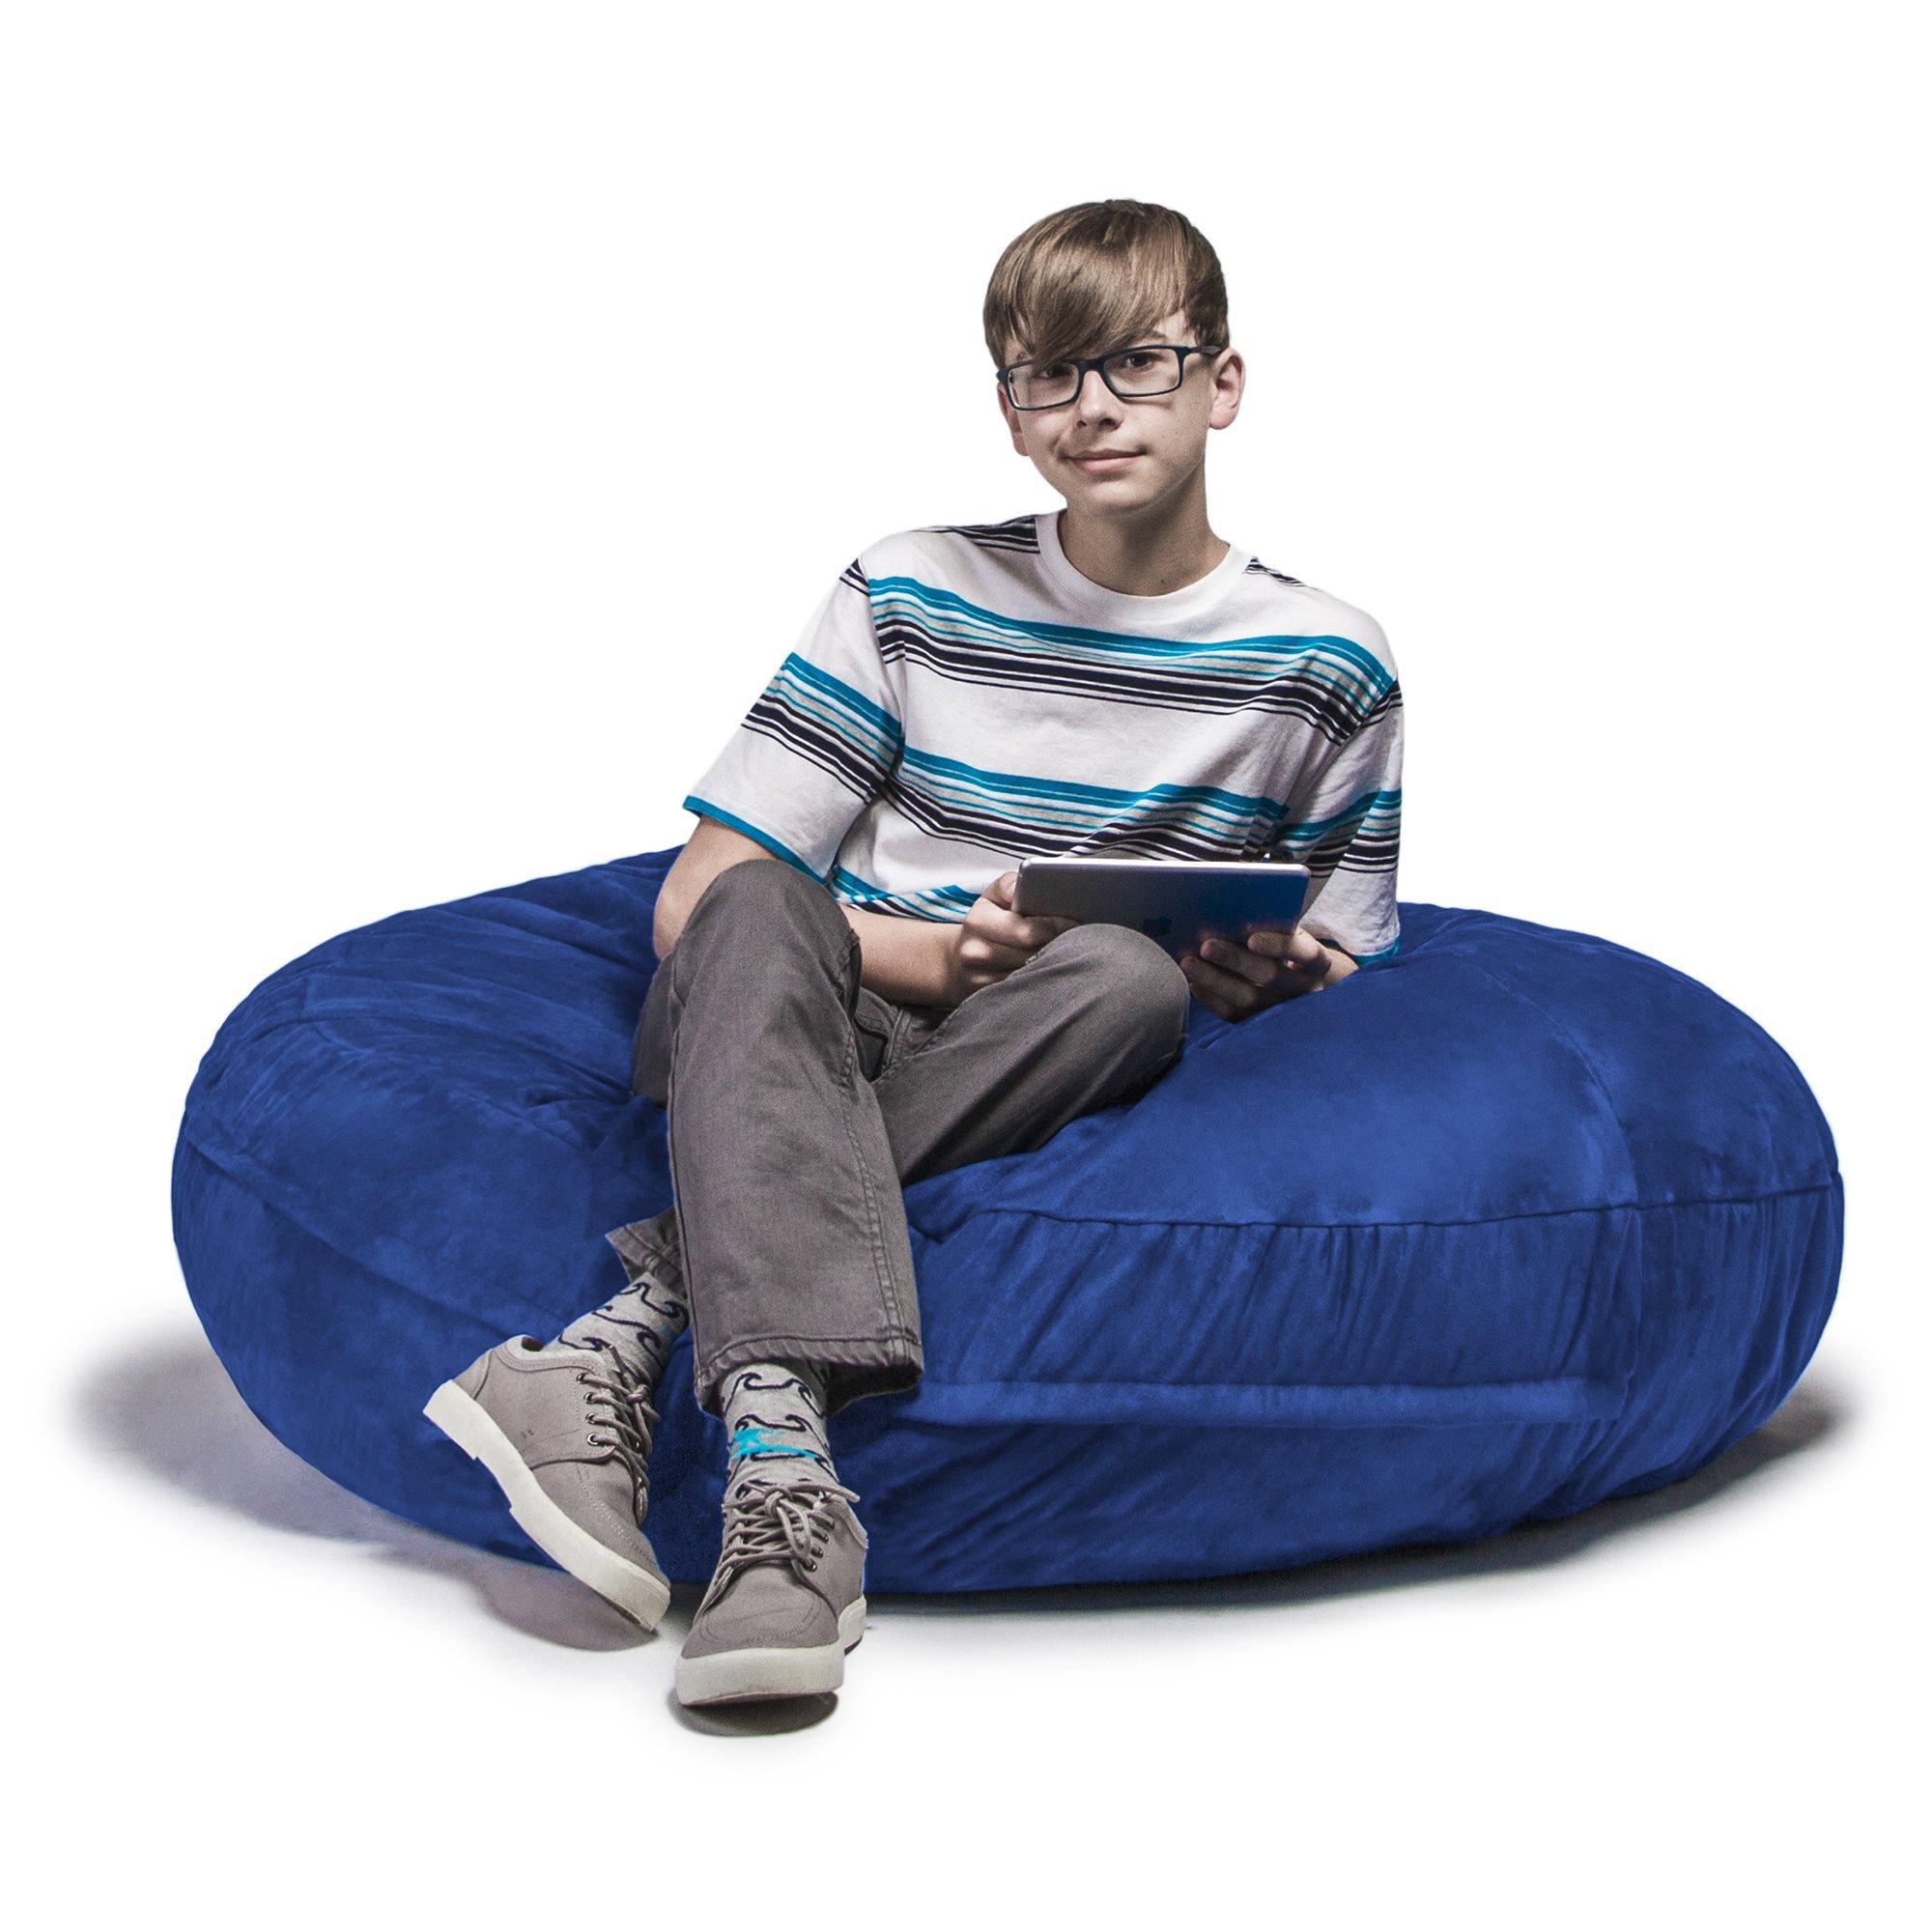 Jaxx Bean Bags Cocoon Junior Kids Bean Bag, 4-Feet, Blueberry Microsuede